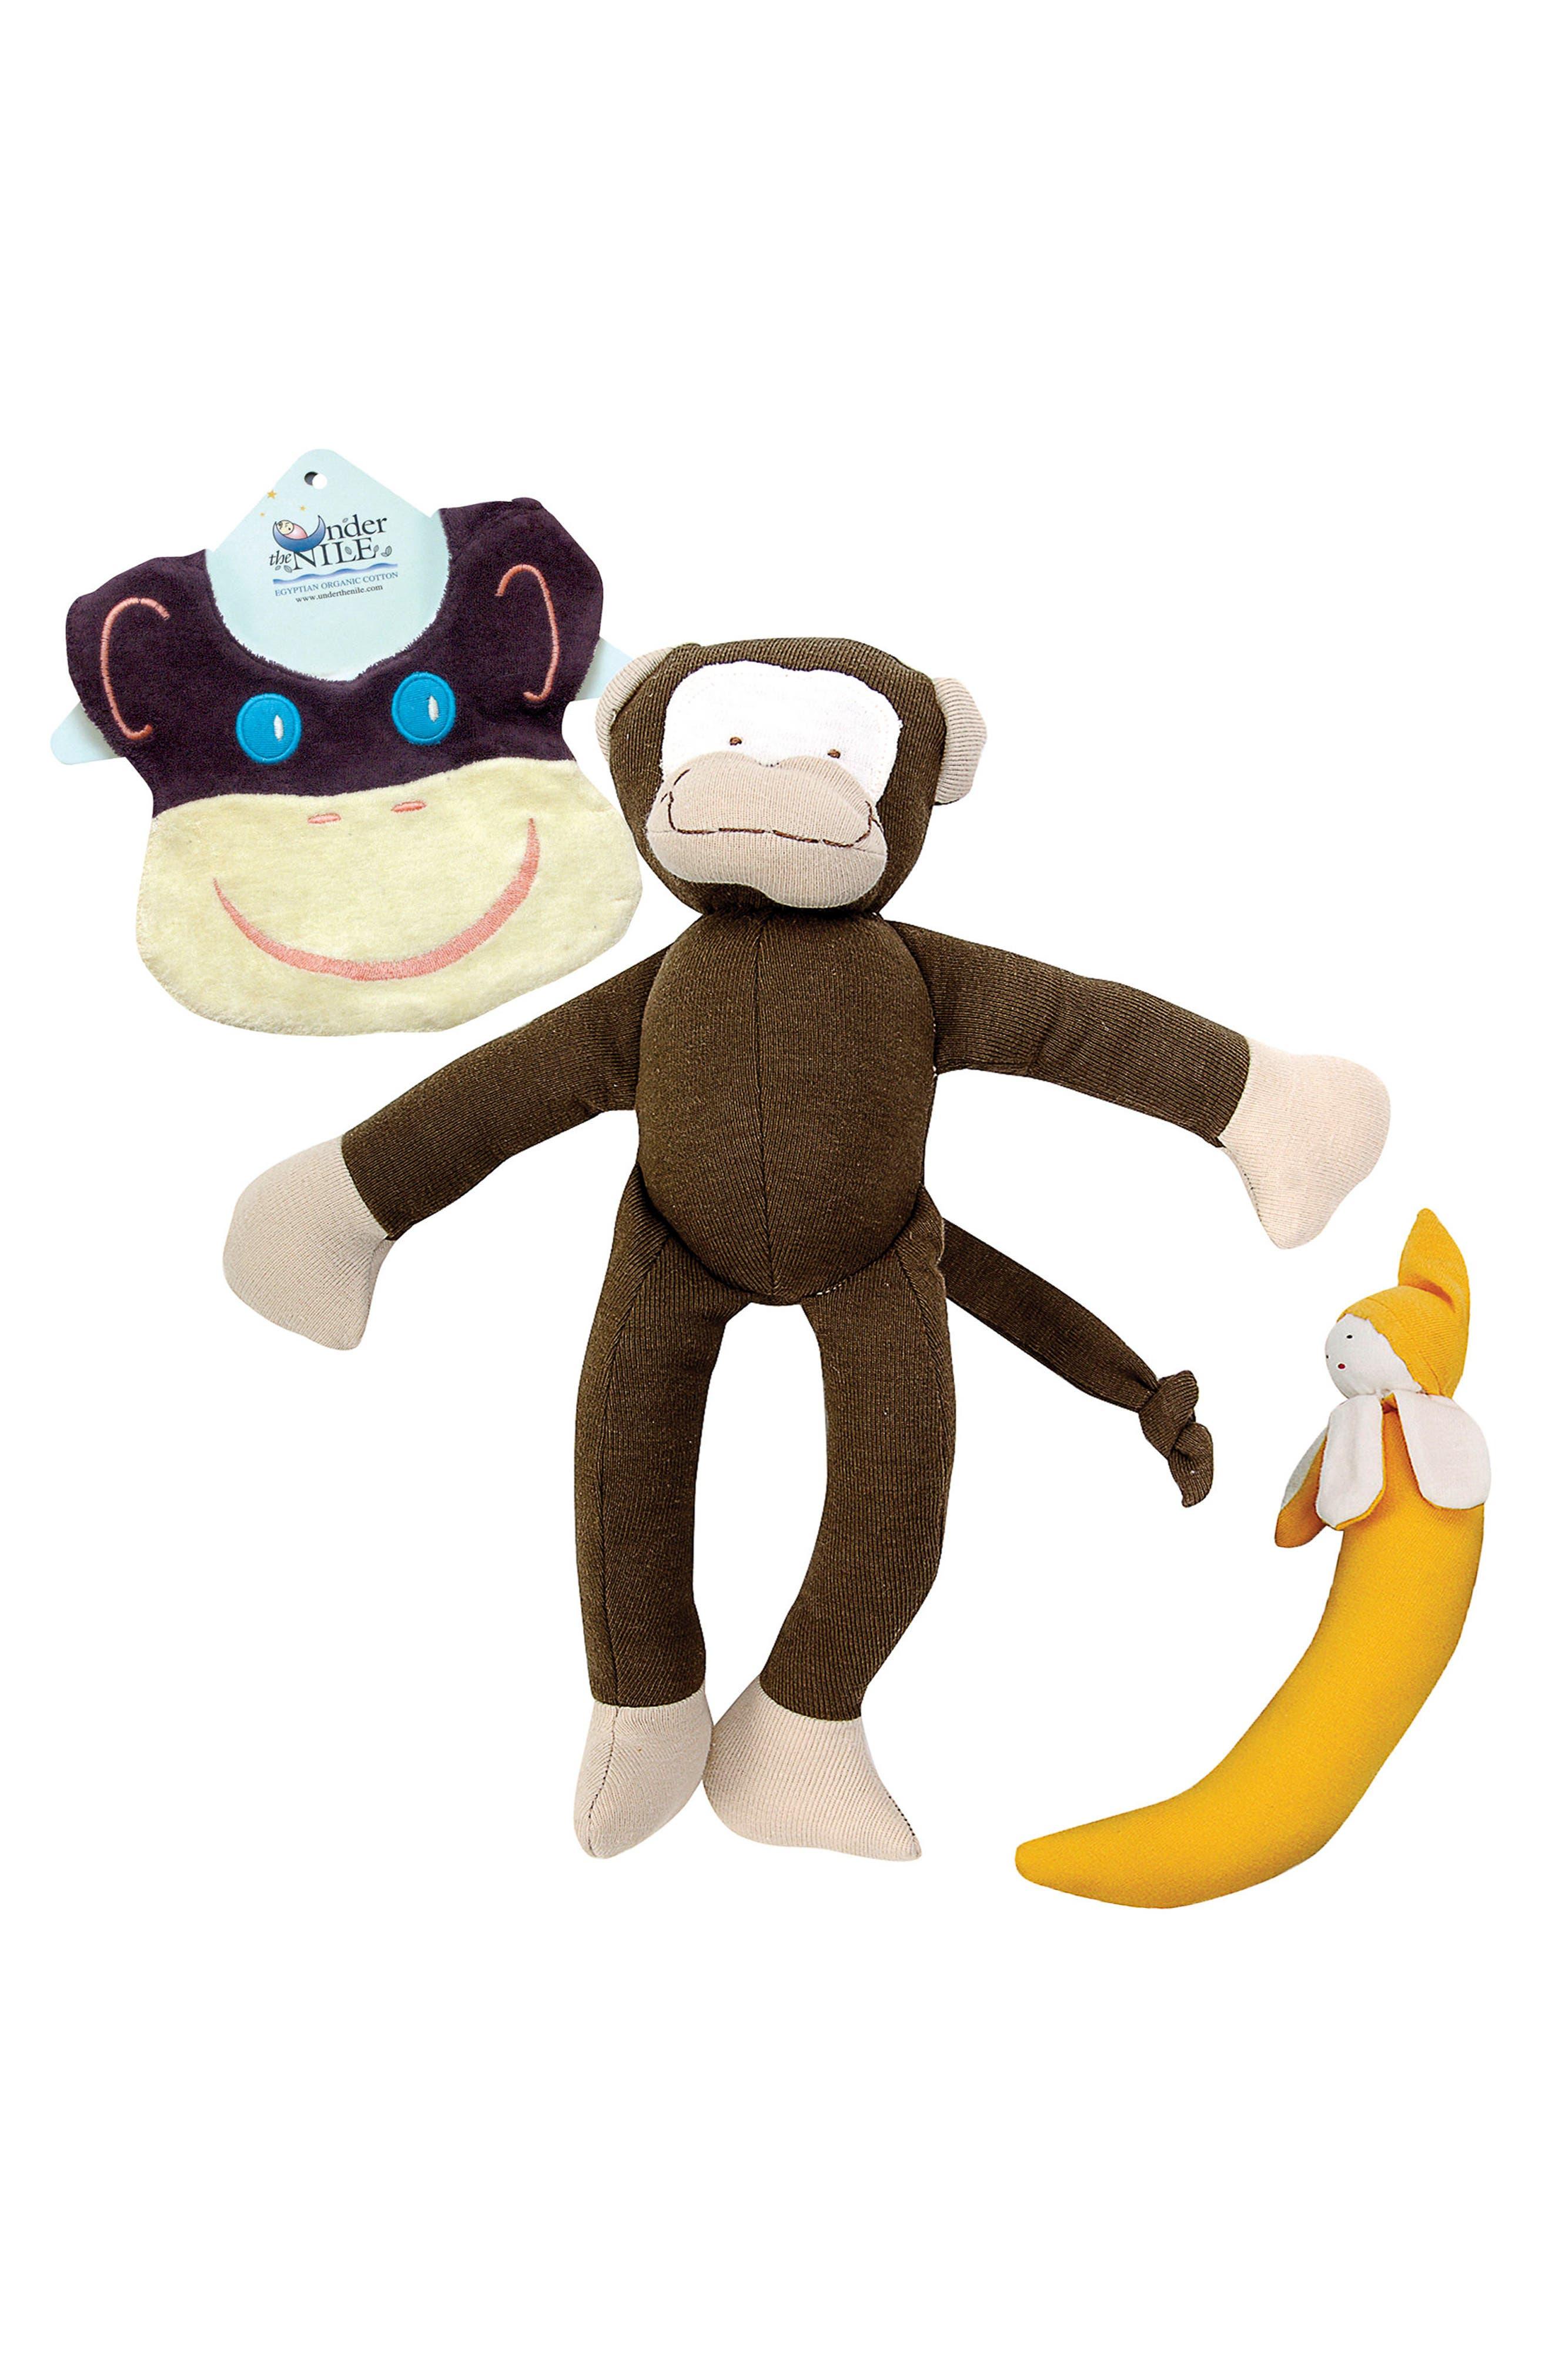 3-Piece Monkey Bib, Stuffed Animal and Stuffed Banana Set,                             Main thumbnail 1, color,                             200